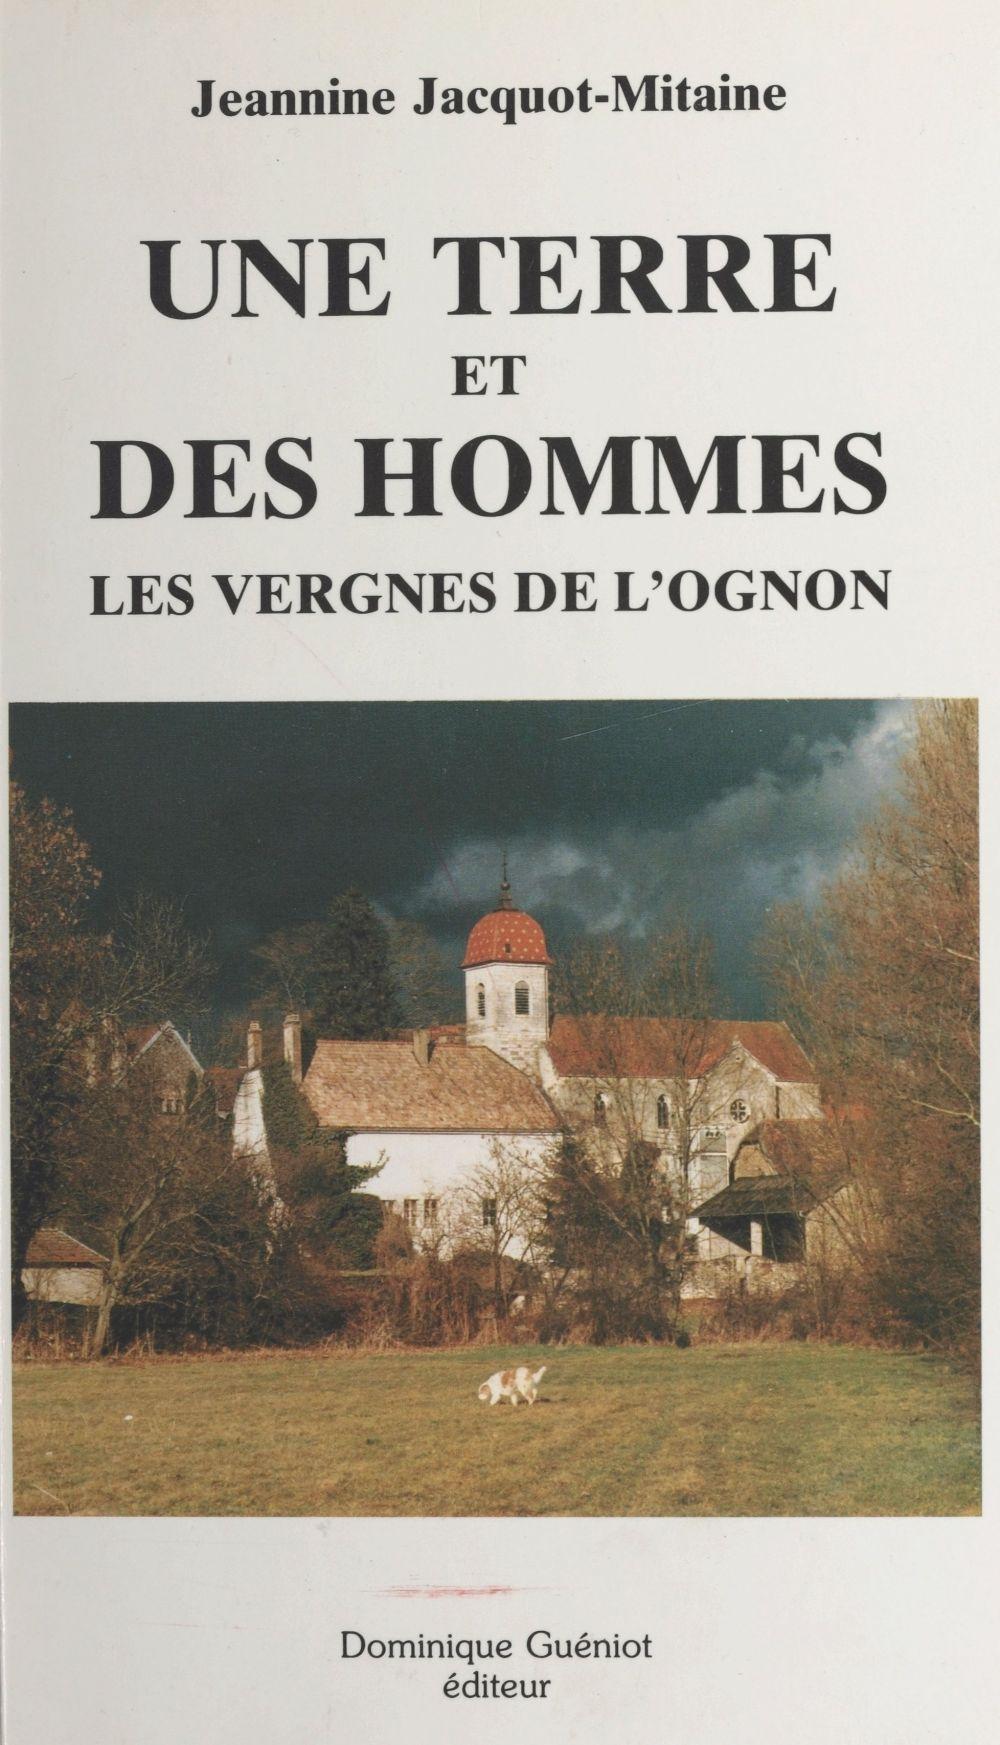 Une terre et des hommes : les vergnes de l'Ognon